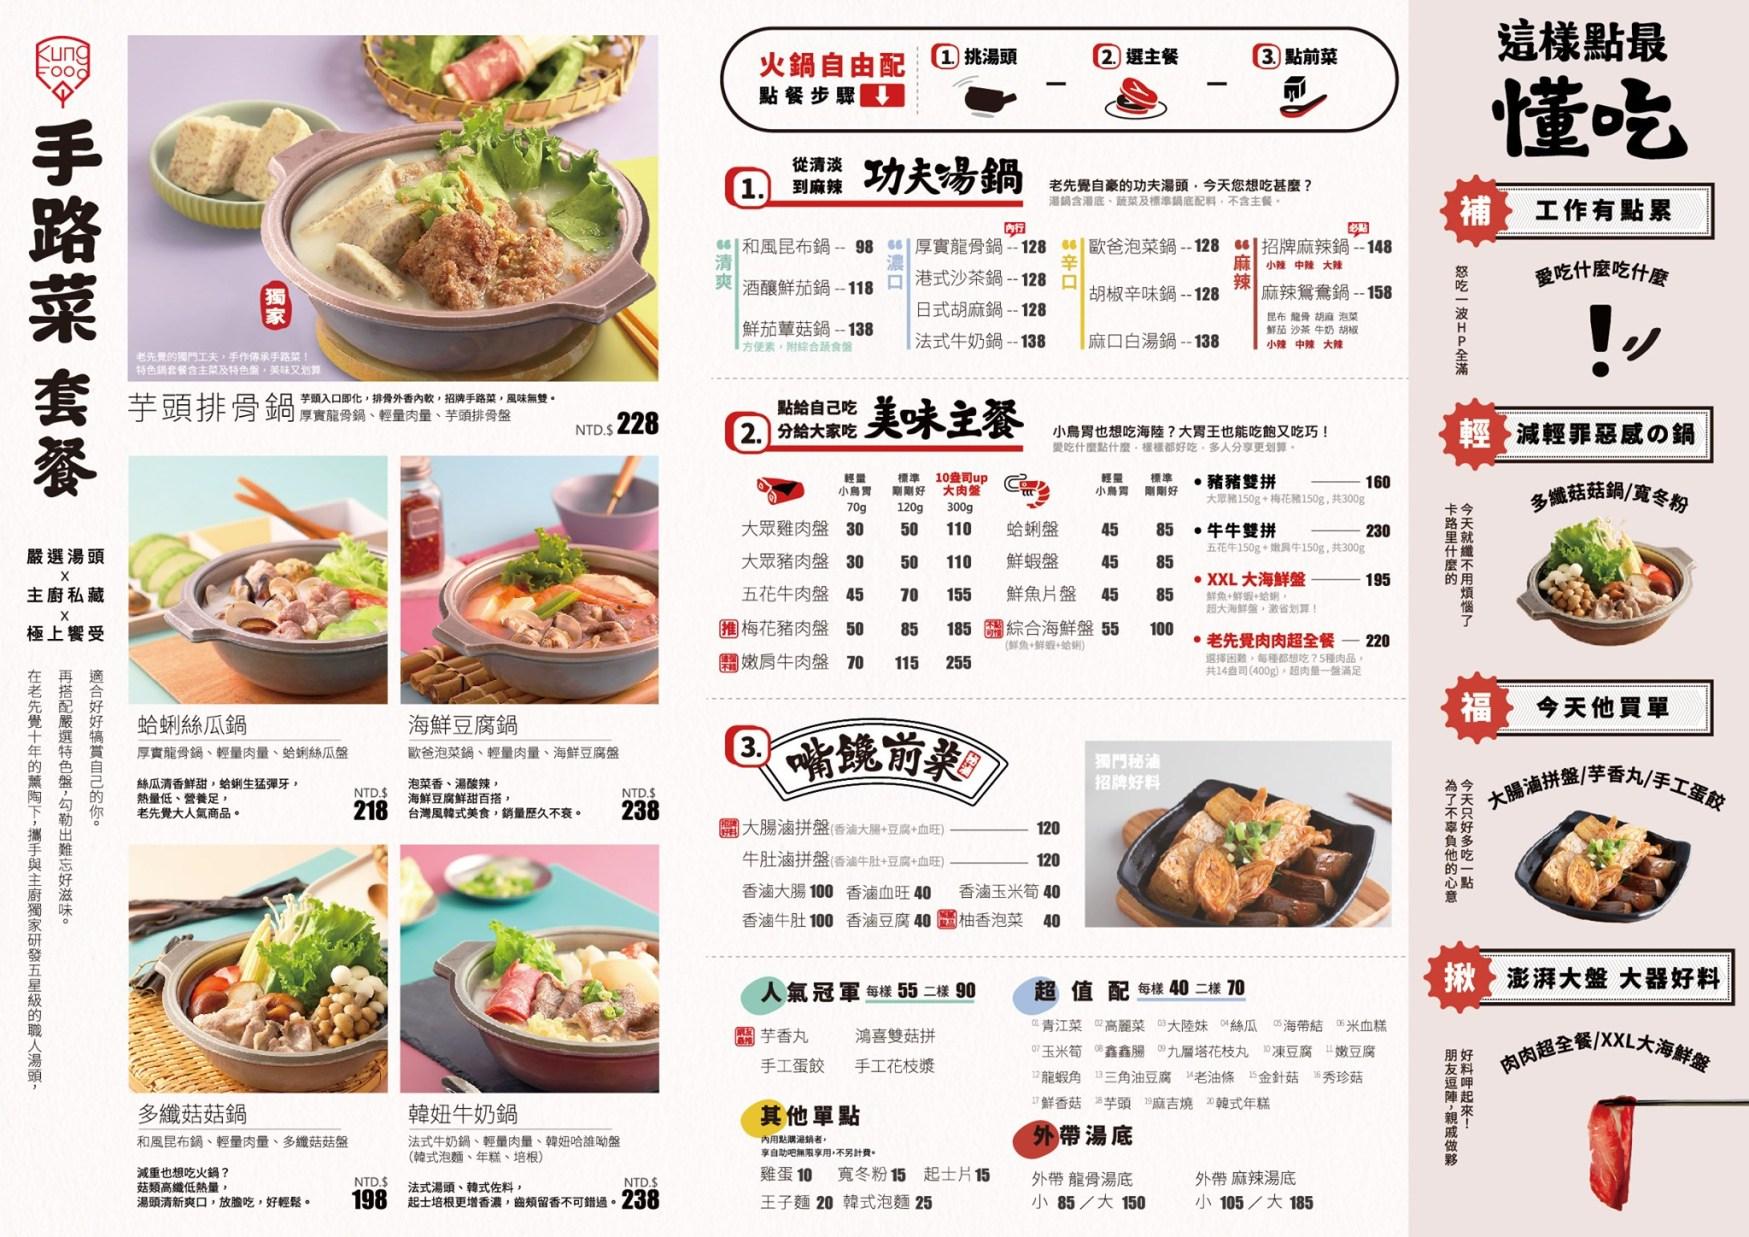 老先覺功夫窯燒鍋(Mini店)菜單MENU